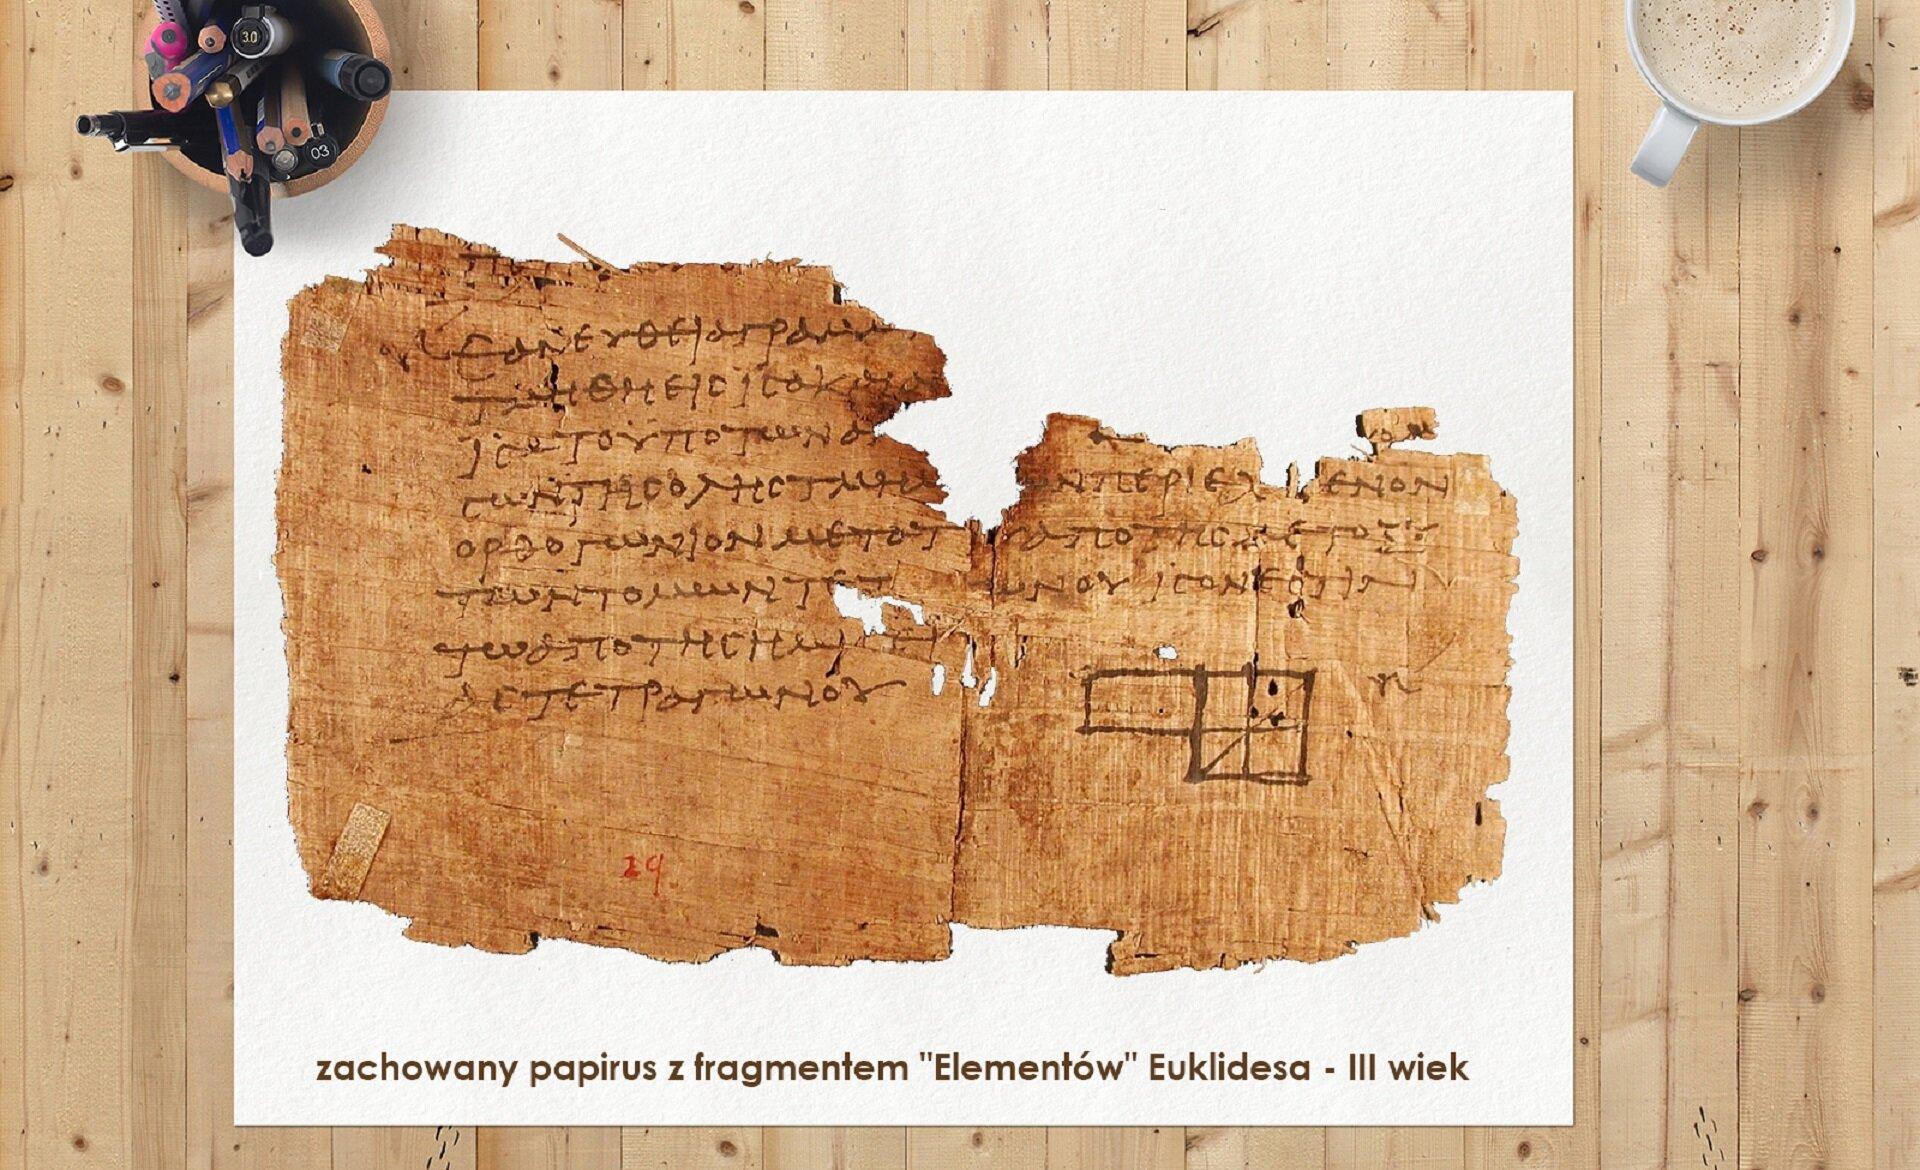 """Ilustracja przedstawia sfotografowaną zgóry drewnianą płaszczyznę wykonaną zjasnych desek. Na deskach leży biały arkusz. Na nim leży fragment wystrzępionego papirusu. Papirus pokryty jest pismem greckim. Udołu tekstu widać rysunki czworoboków. Na dole białego arkusza widnieje napis informujący czym jest pokazany papirus : """"zachowany papirus zfragmentem """"Elementów"""" Euklidesa – III wiek"""" Lewy górny róg białego arkusza dociśnięty jest do blatu kubkiem, wktórym znajdują się kolorowe kredki, długopisy ipisaki. Wprawym górnym rogu widać fragment filiżanki zkawą."""